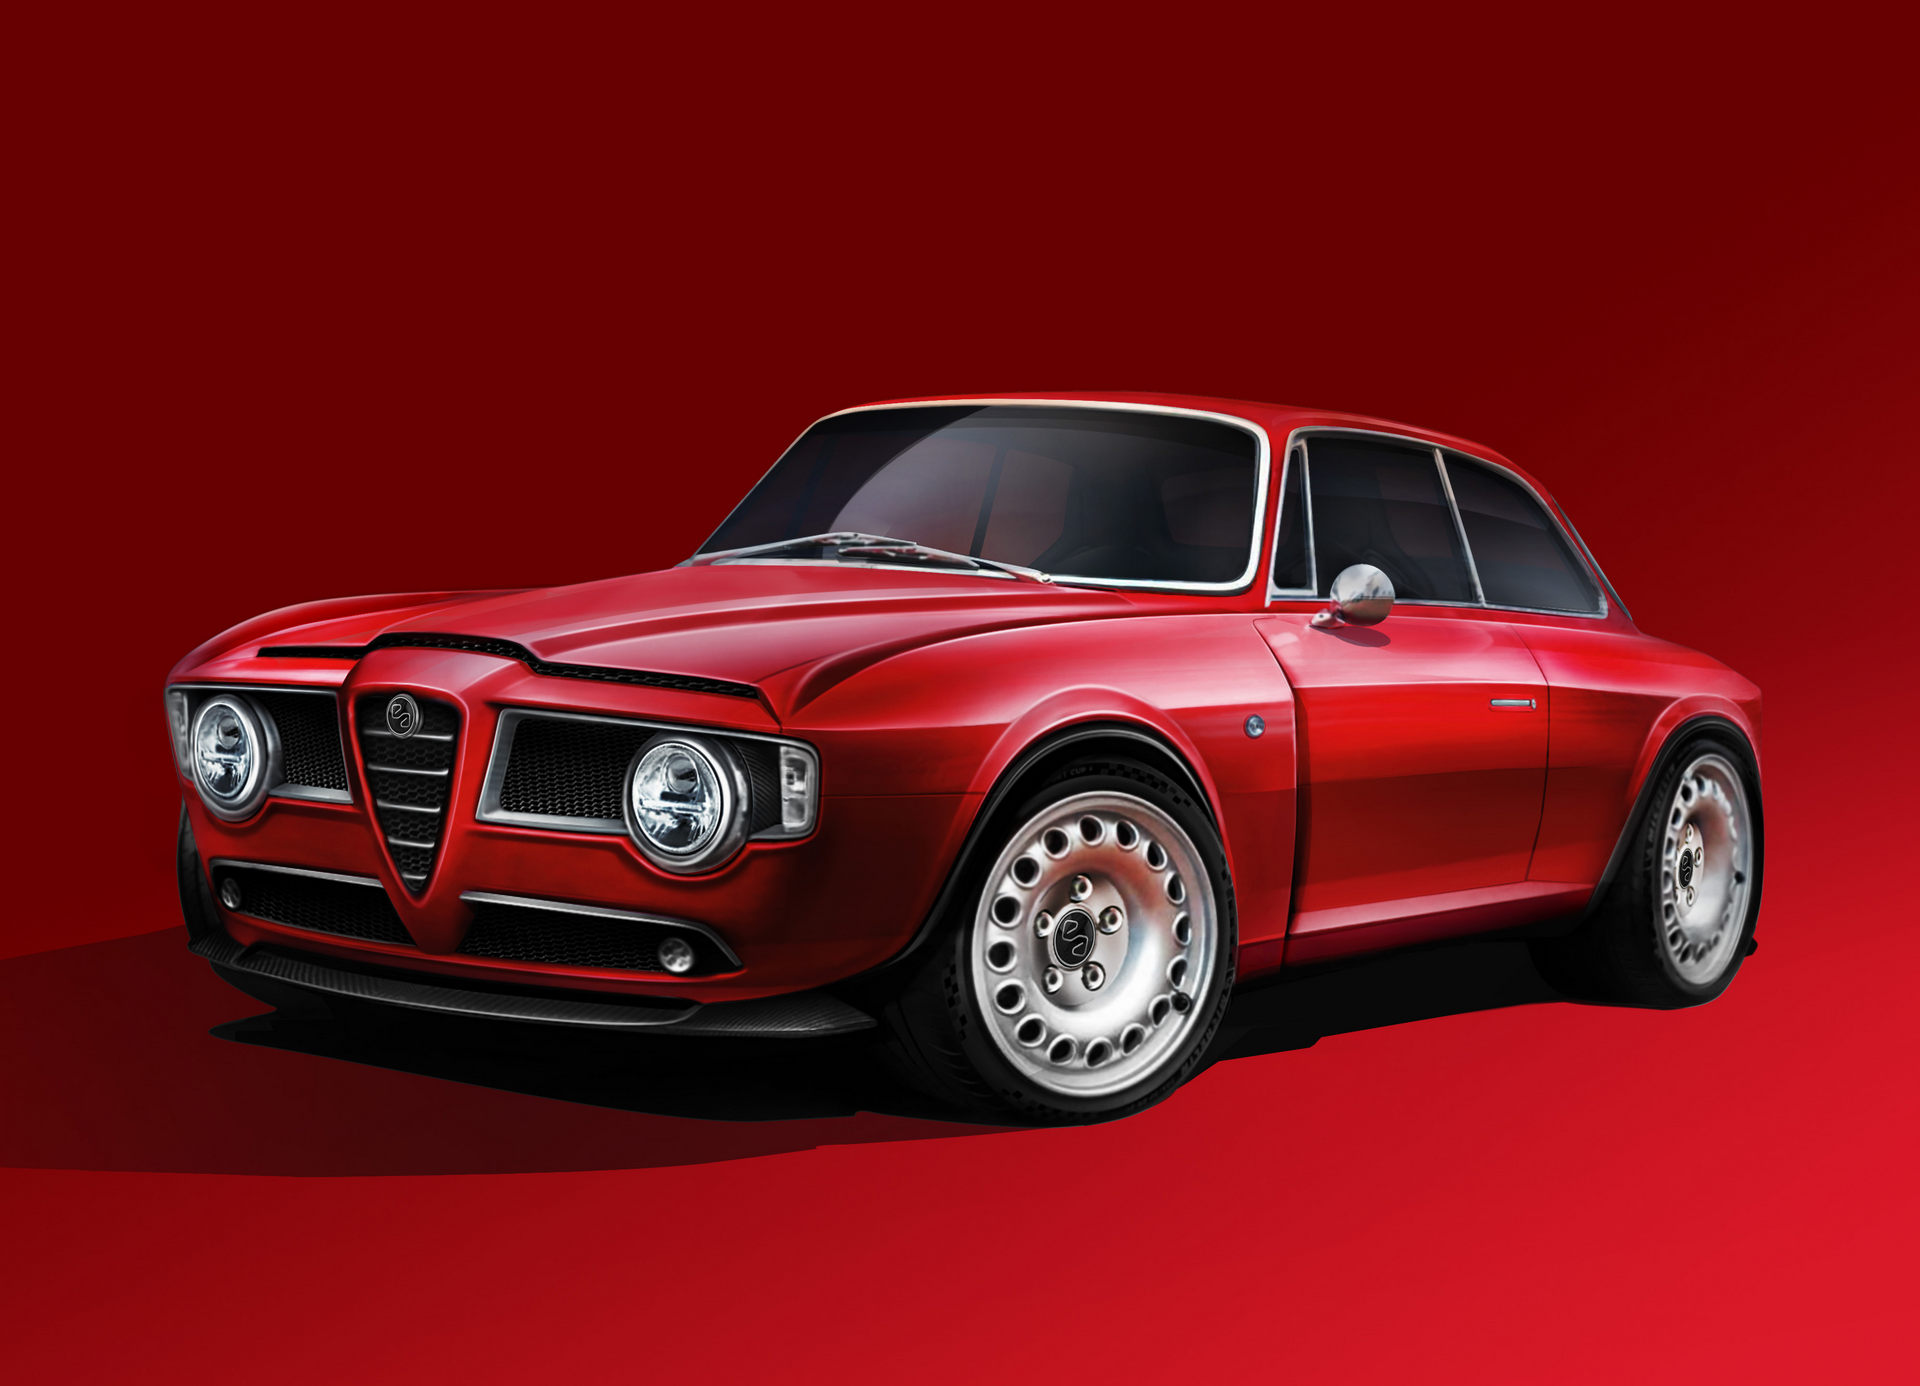 Невзирая на повальную моду на электрификацию, охватившую индустрию в последние годы, многие ателье продолжают строить классические рестомоды и продавать их за баснословные суммы. Давайте посмотрим, что можно сделать с Alfa Romeo Giulia GT за $471 000 (€400 000).